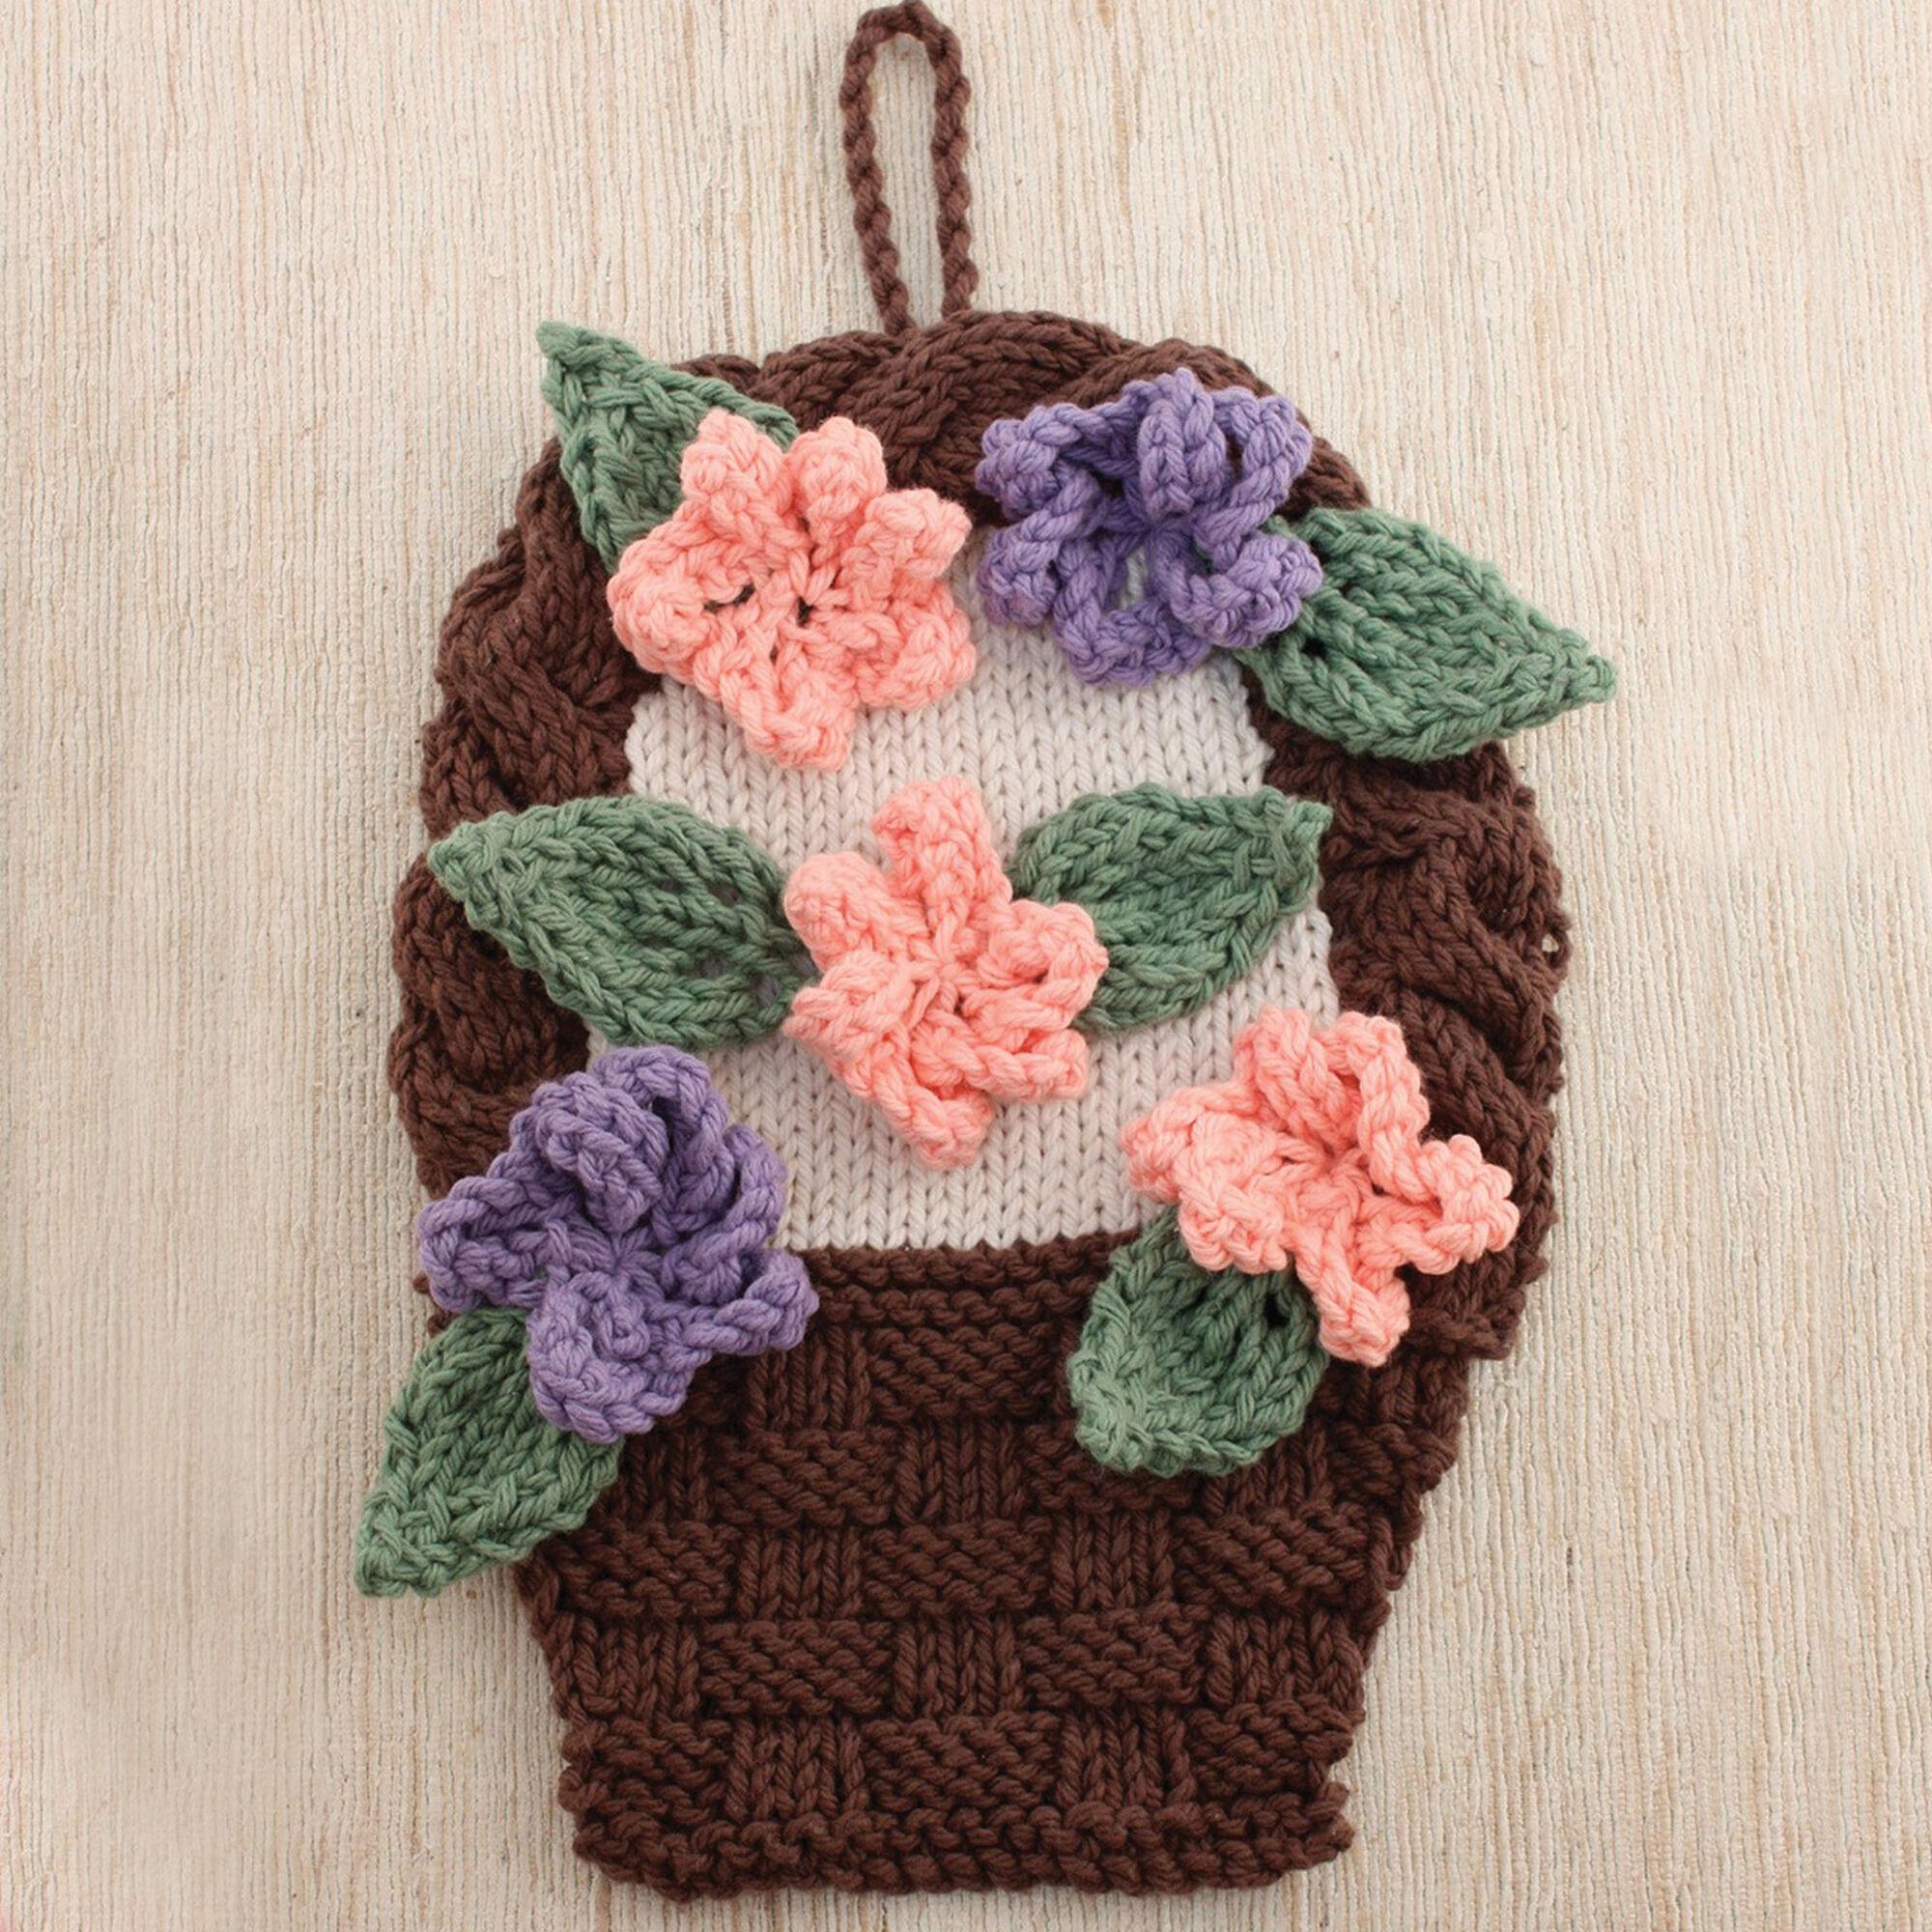 Lily Sugarn Cream Flower Basket Dishcloth Yarnspirations